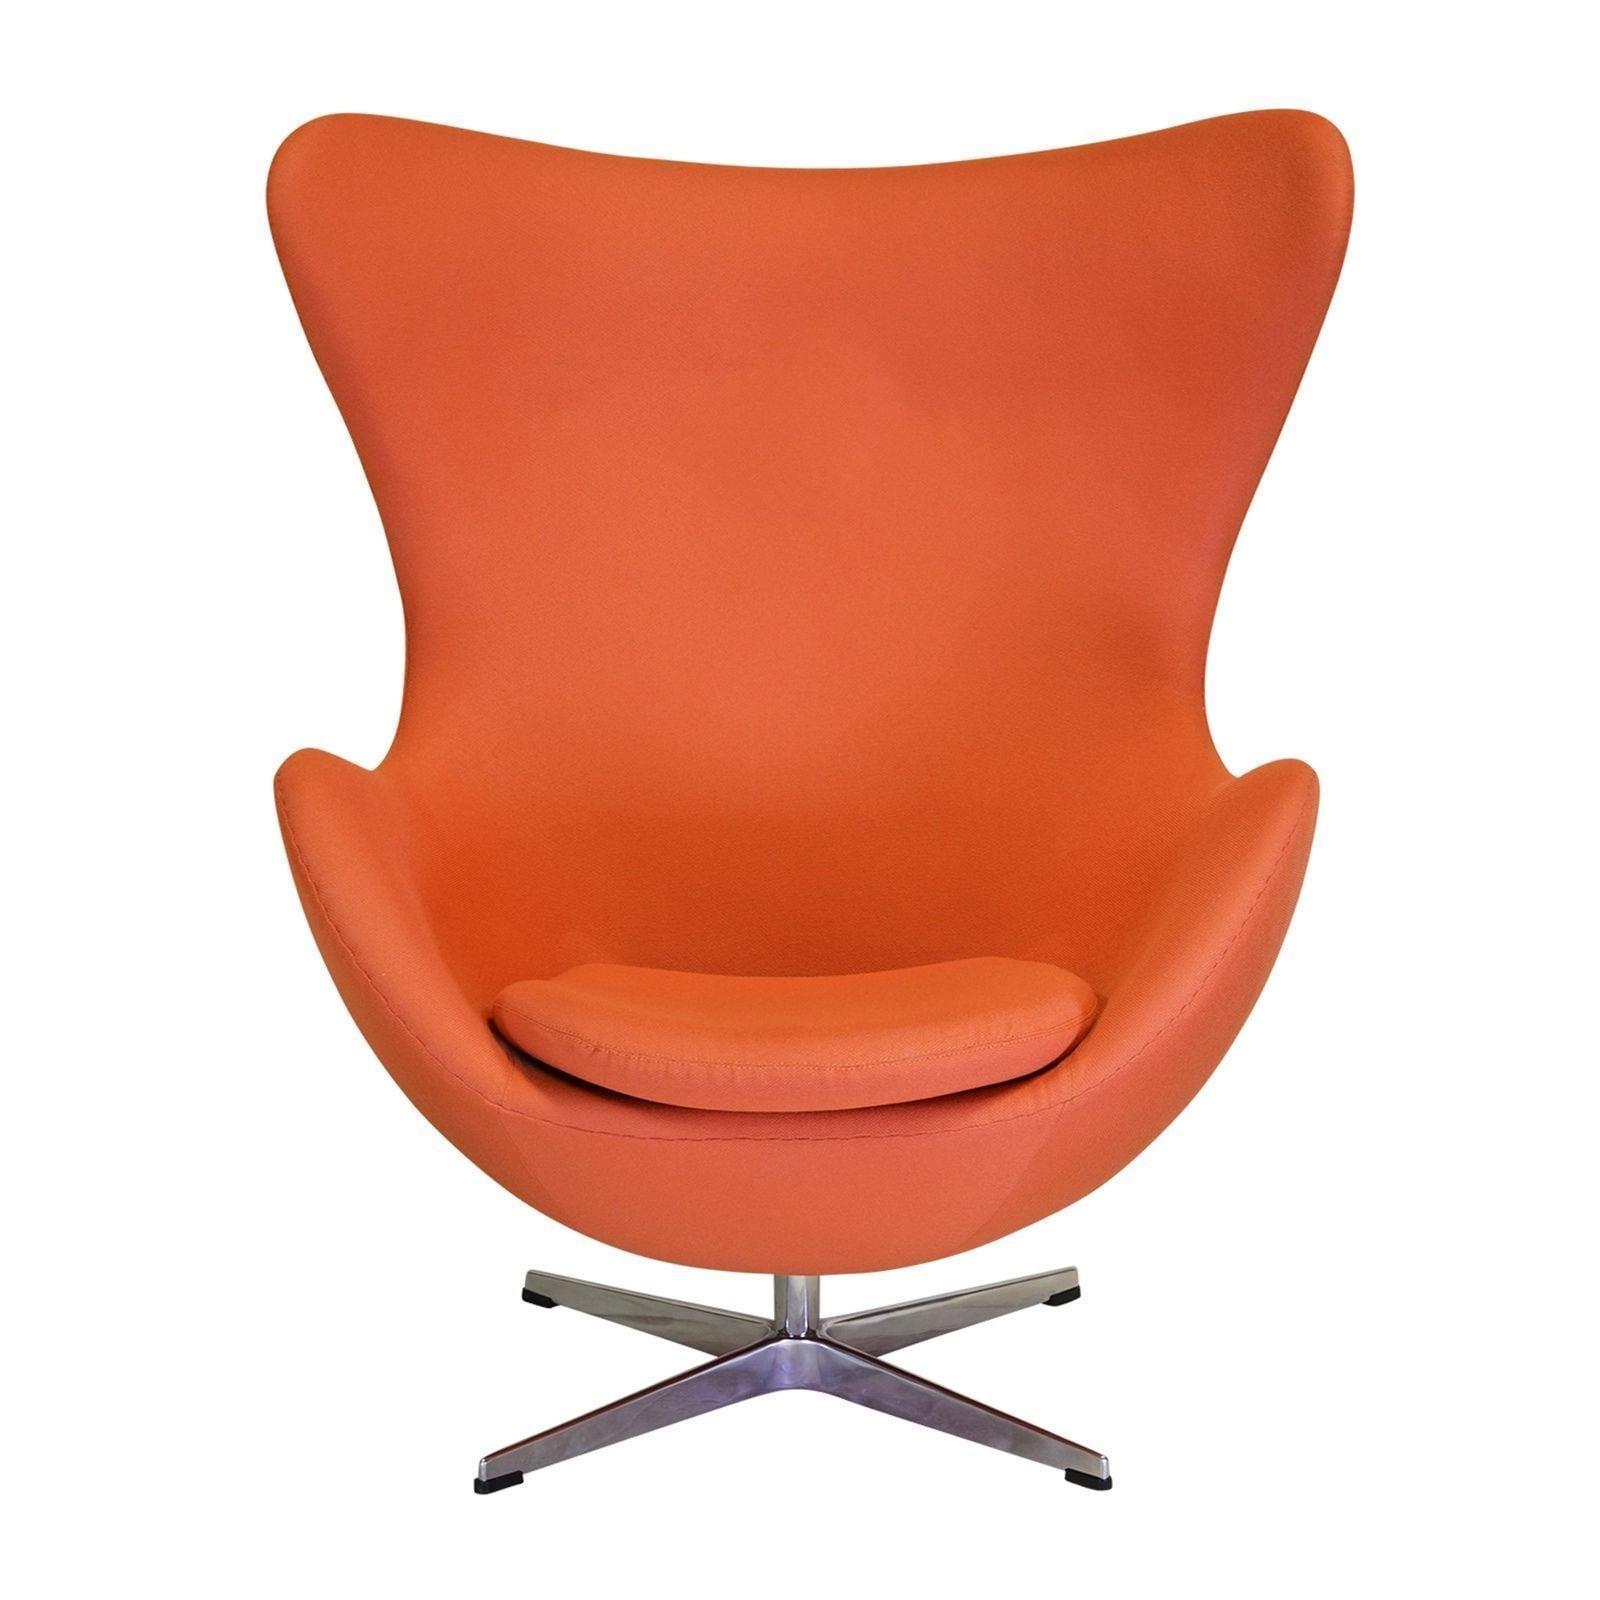 Joseph Allen Midcentury Modern Egg Orange Swivel Chair